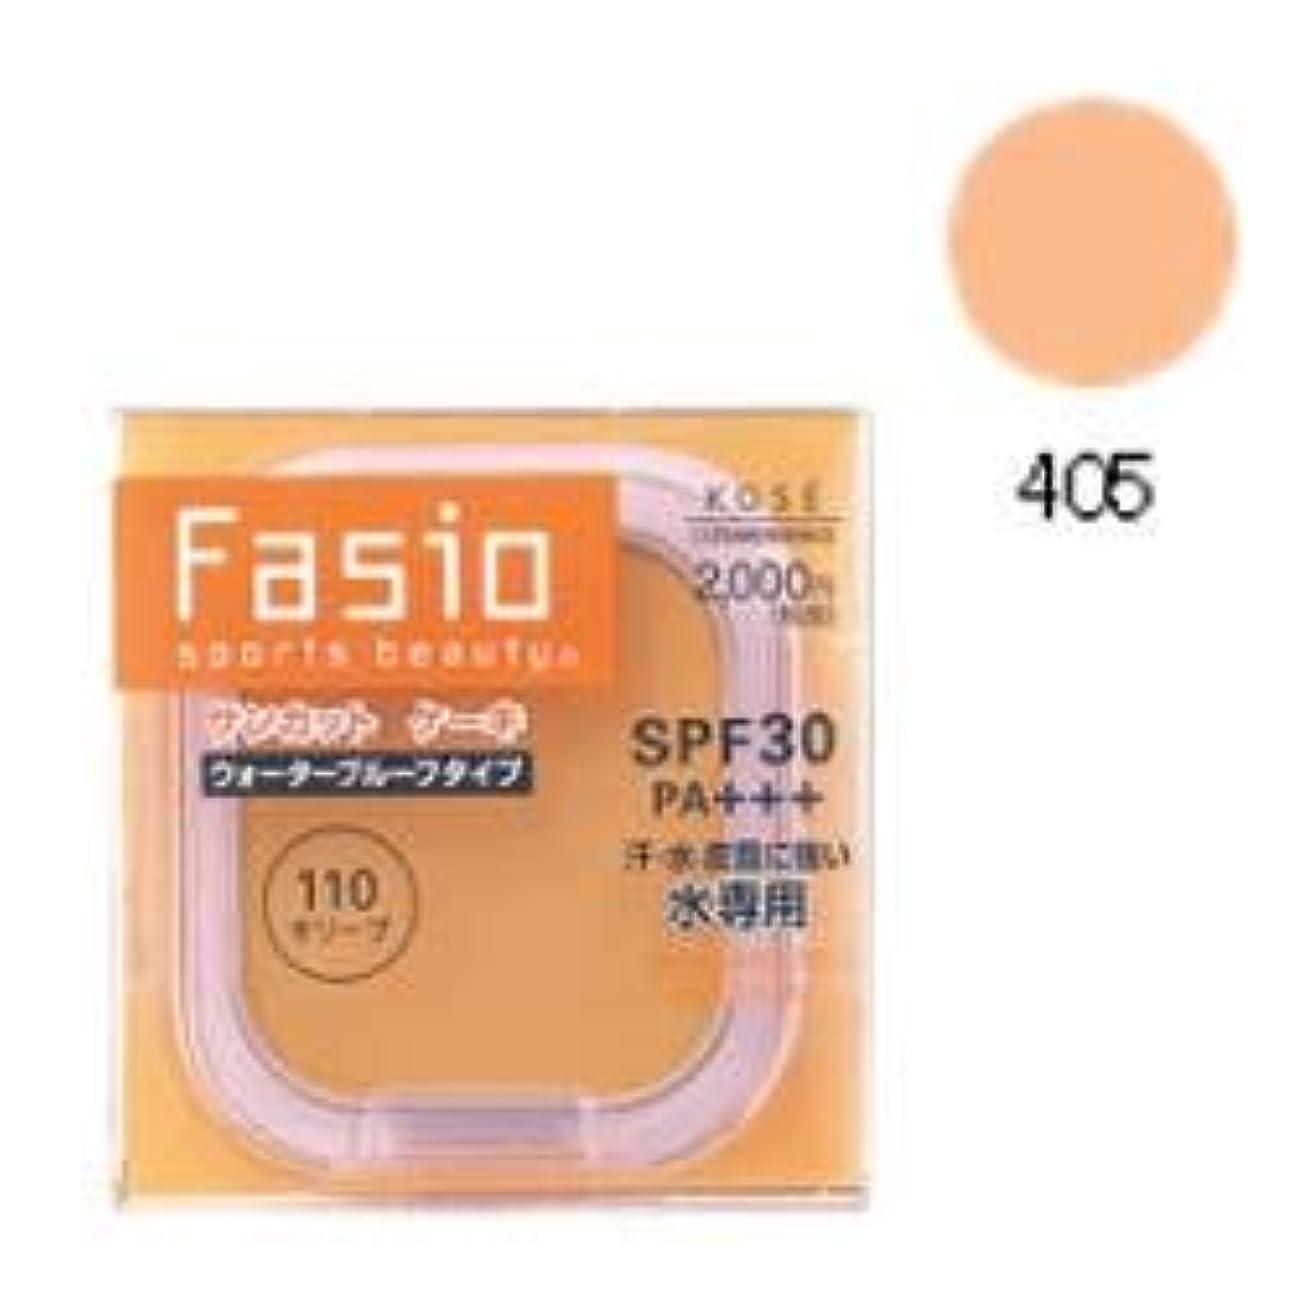 コーセー Fasio ファシオ サンカット ケーキ 詰め替え用 405